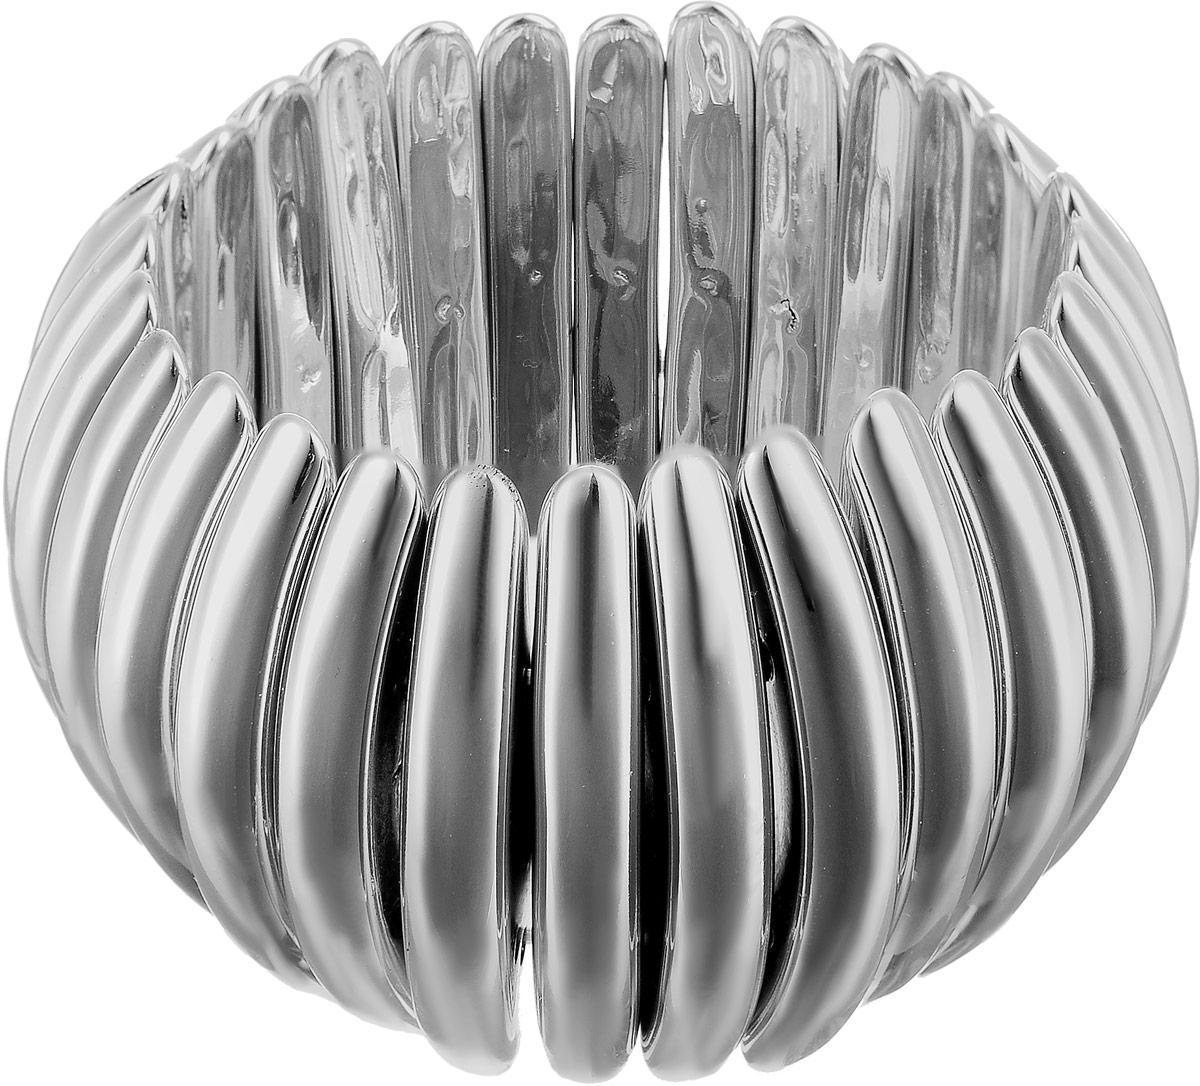 Браслет женский Art-Silver, цвет: серебряный. 14240-56814240-568Браслет Art-Silver выполнен из бижутерного сплава и полимера. Модель на эластичной резинке.